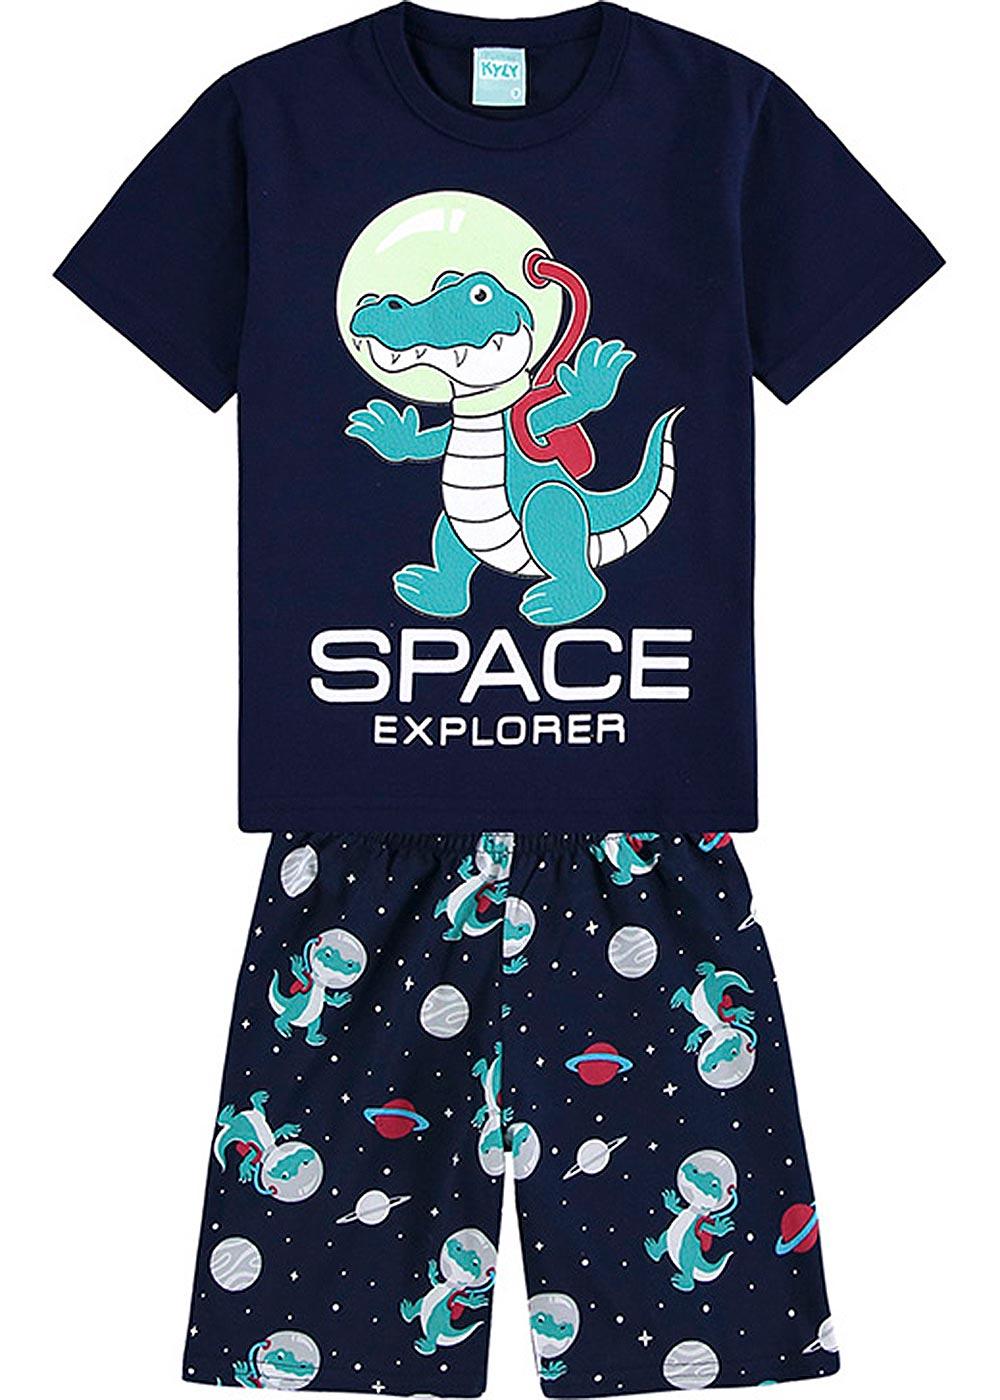 Pijama Infantil Masculino Verão Marinho Space Explorer - Kyly